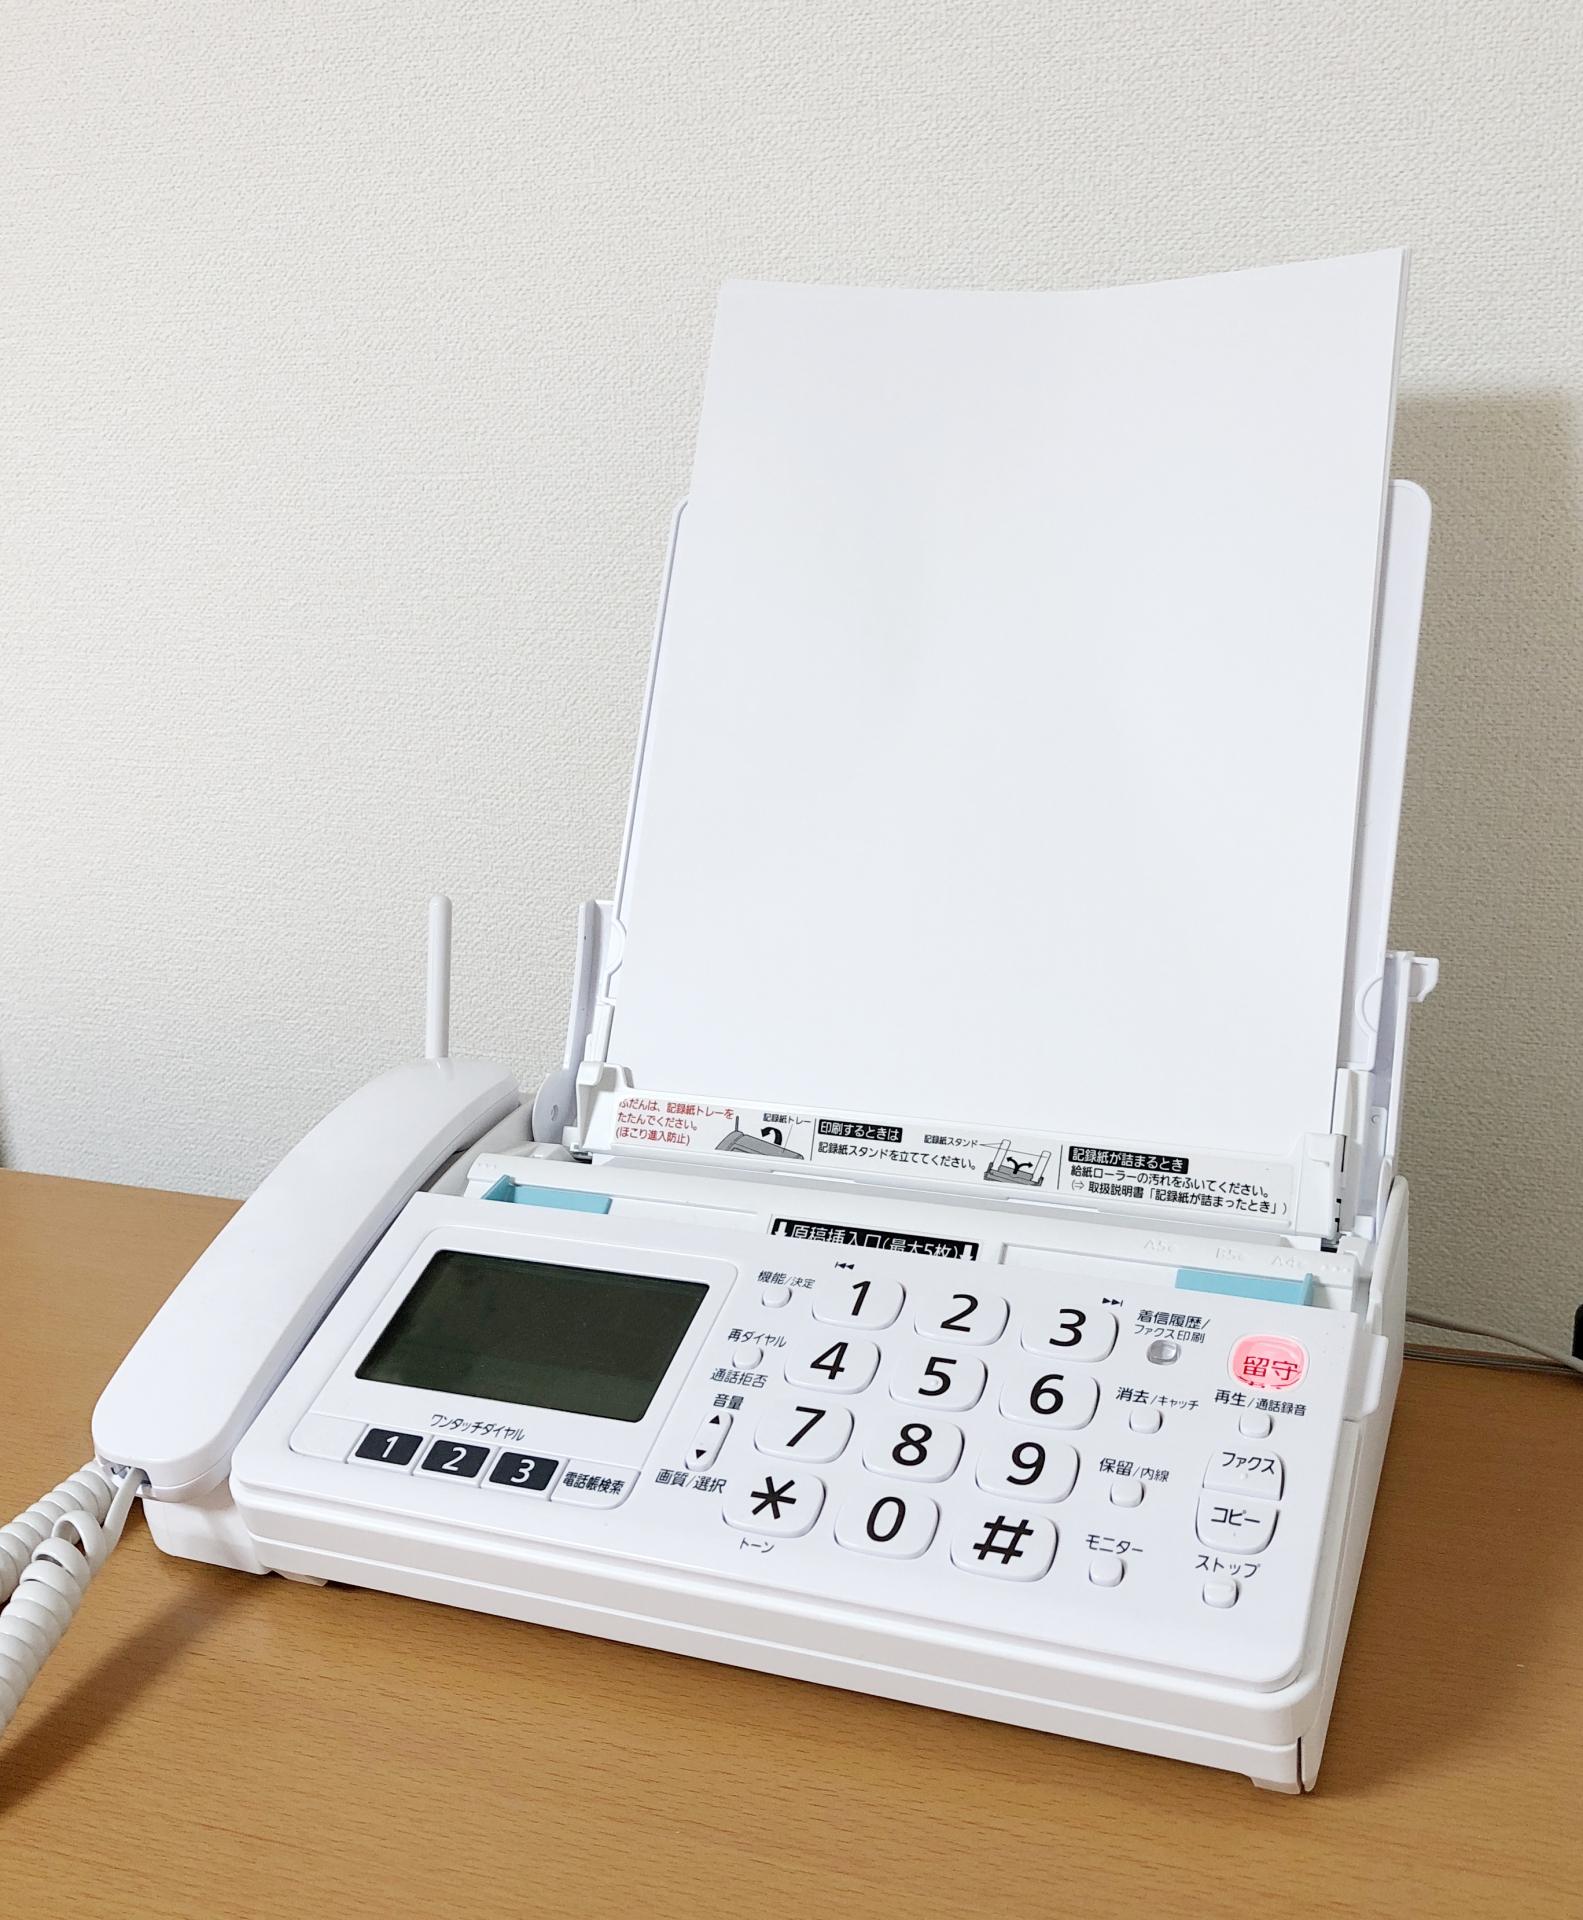 ファックスはこちら